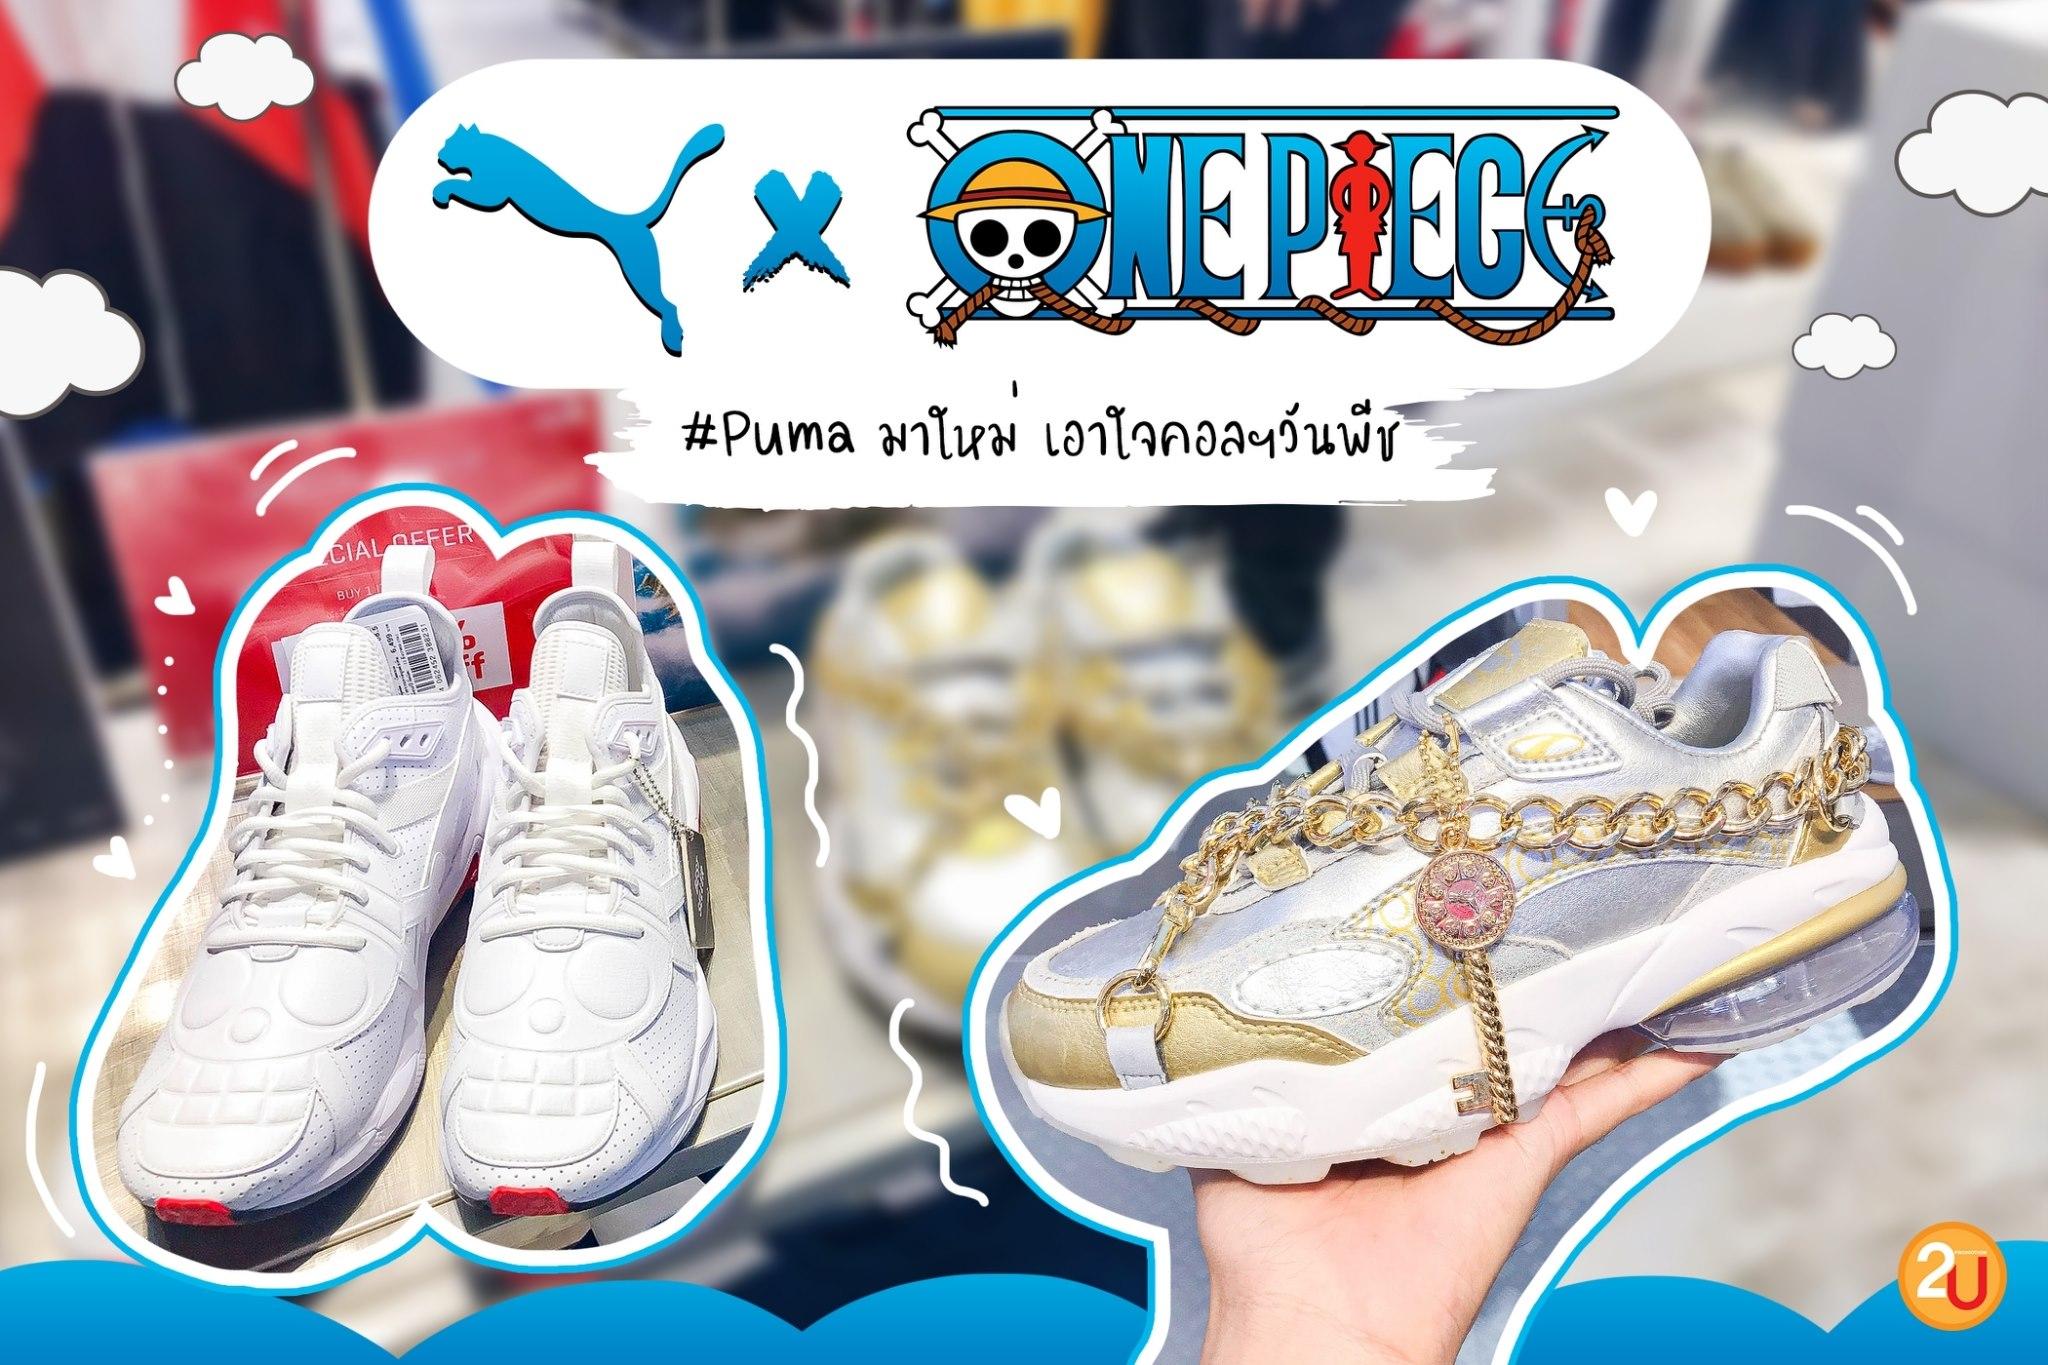 Puma x One Piece คอลเลกชั่นรองเท้าสุดเท่ใครอยากเป็นราชาโจรสลัดควรมี !